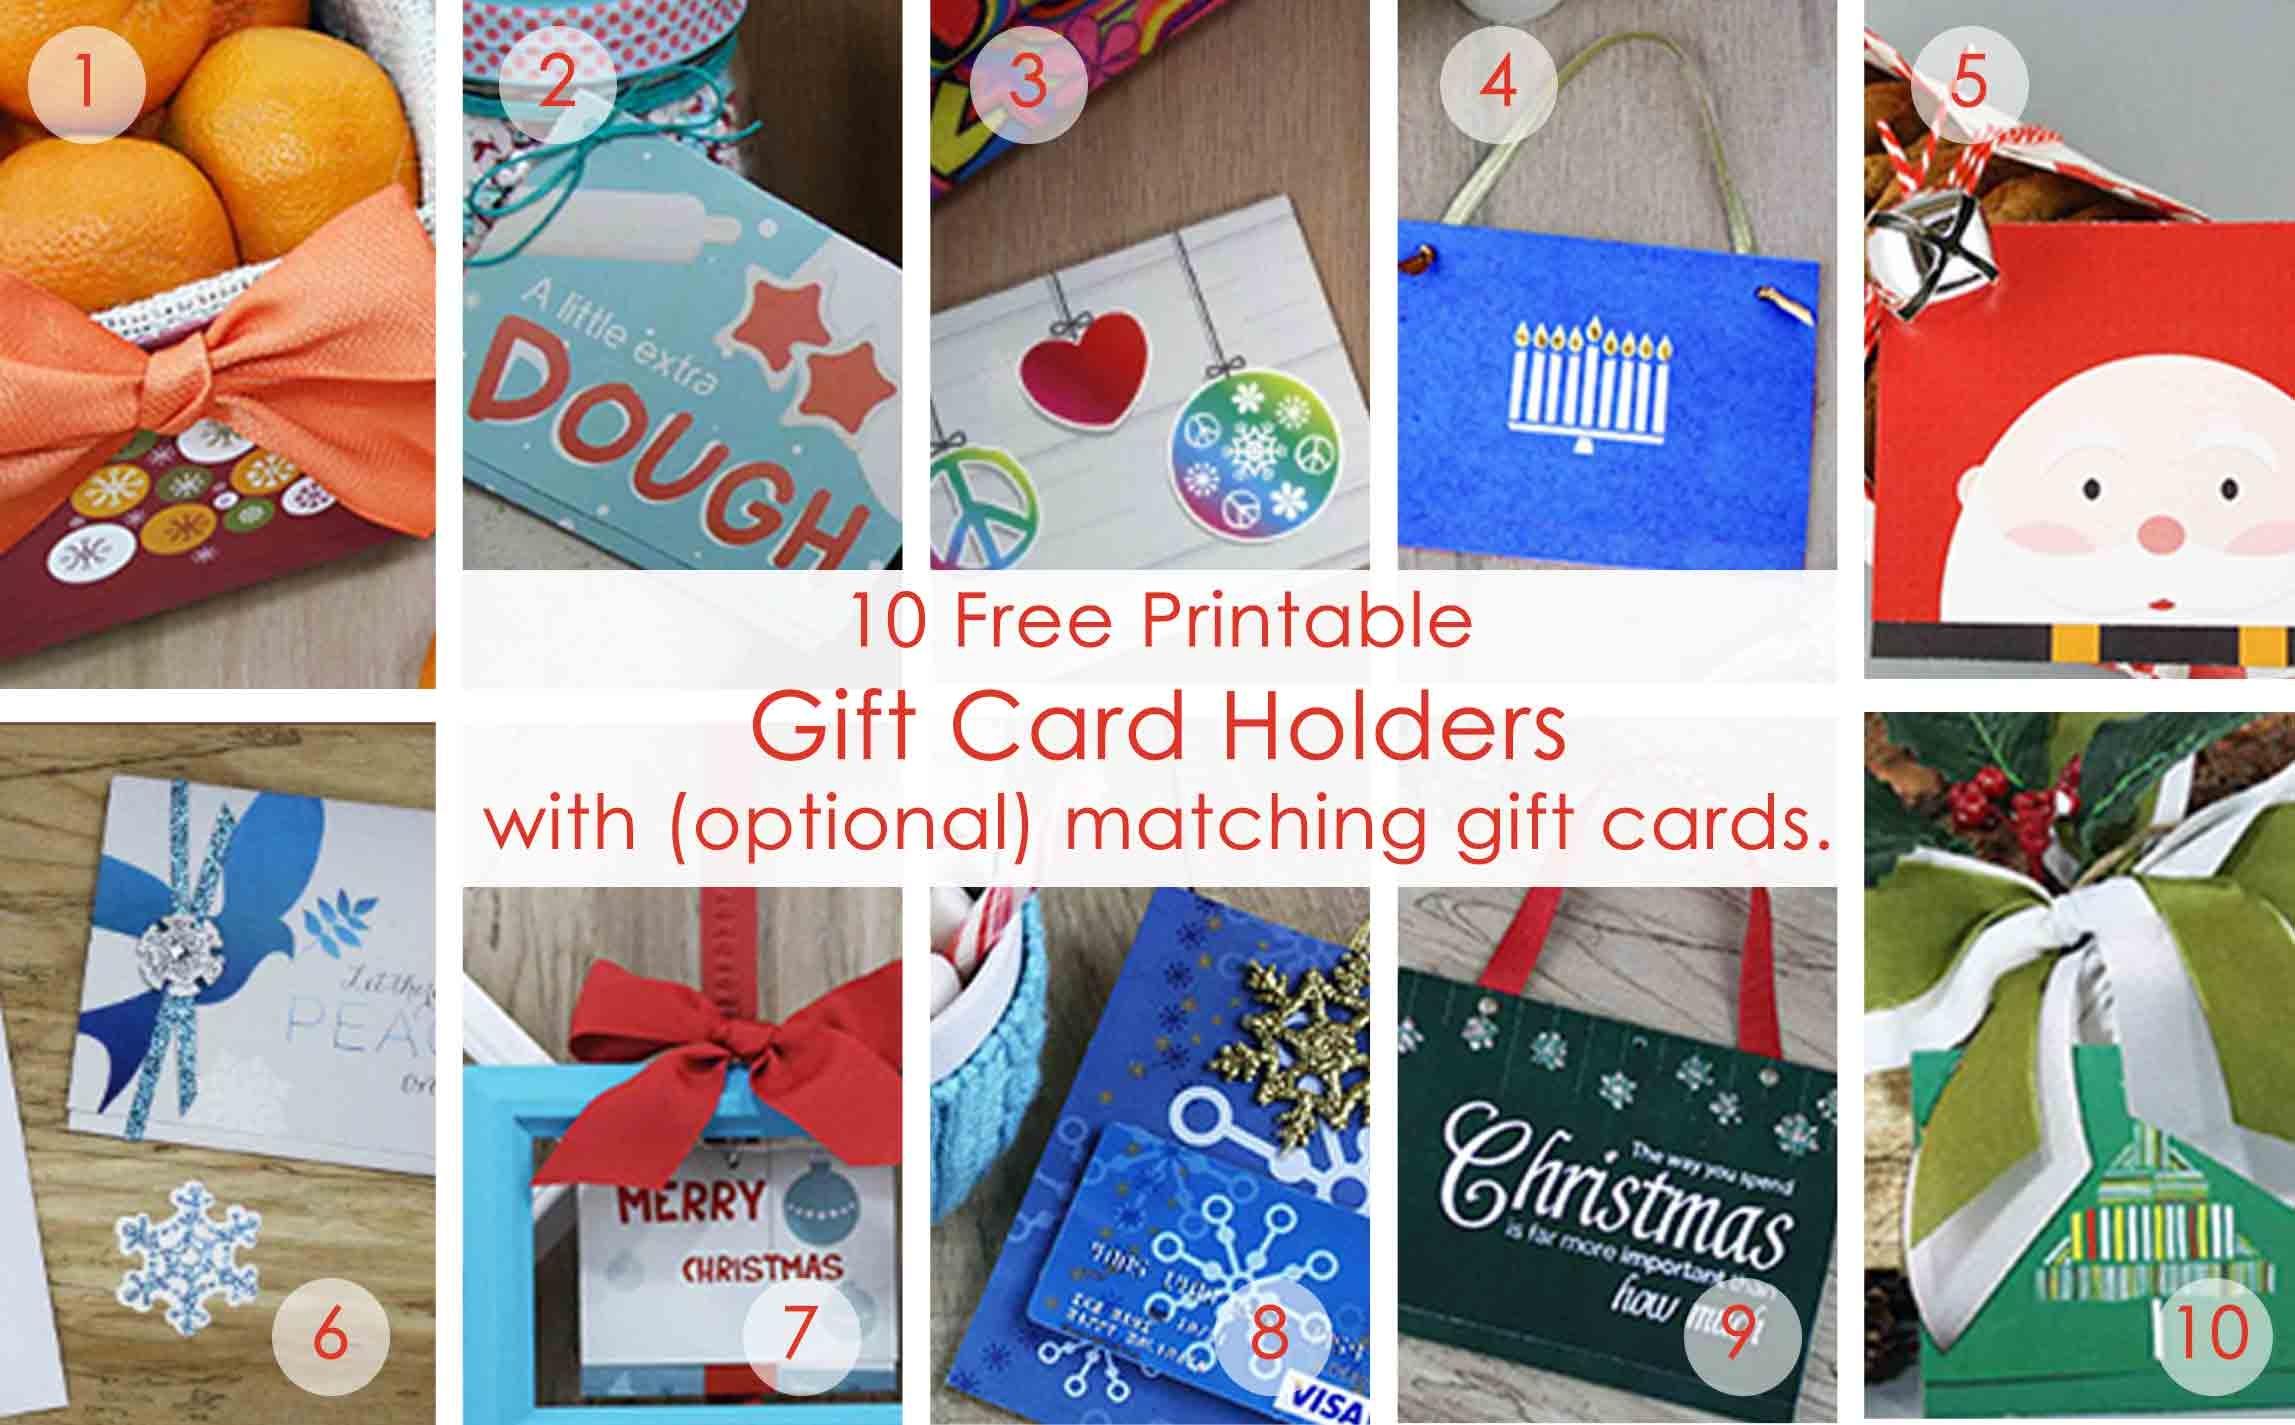 Over 50 Printable Gift Card Holders For The Holidays   Gcg - Free Printable Christmas Gift Cards